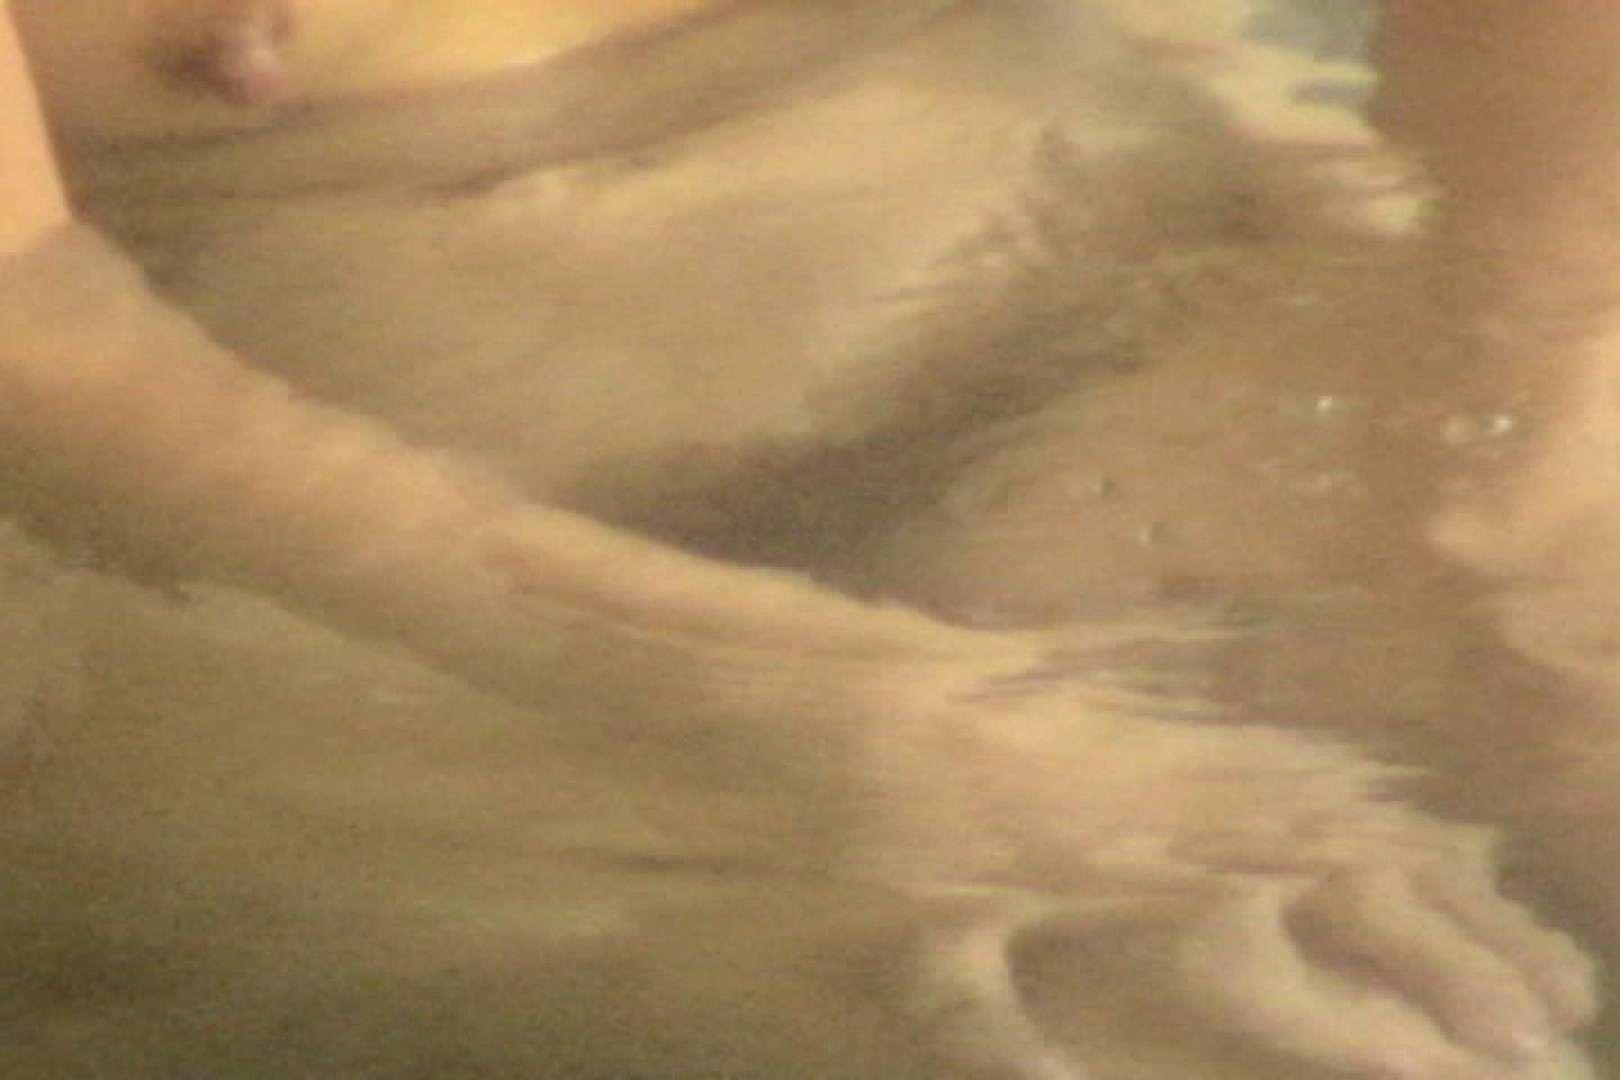 Aquaな露天風呂Vol.456 露天 | 女体盗撮  47連発 37